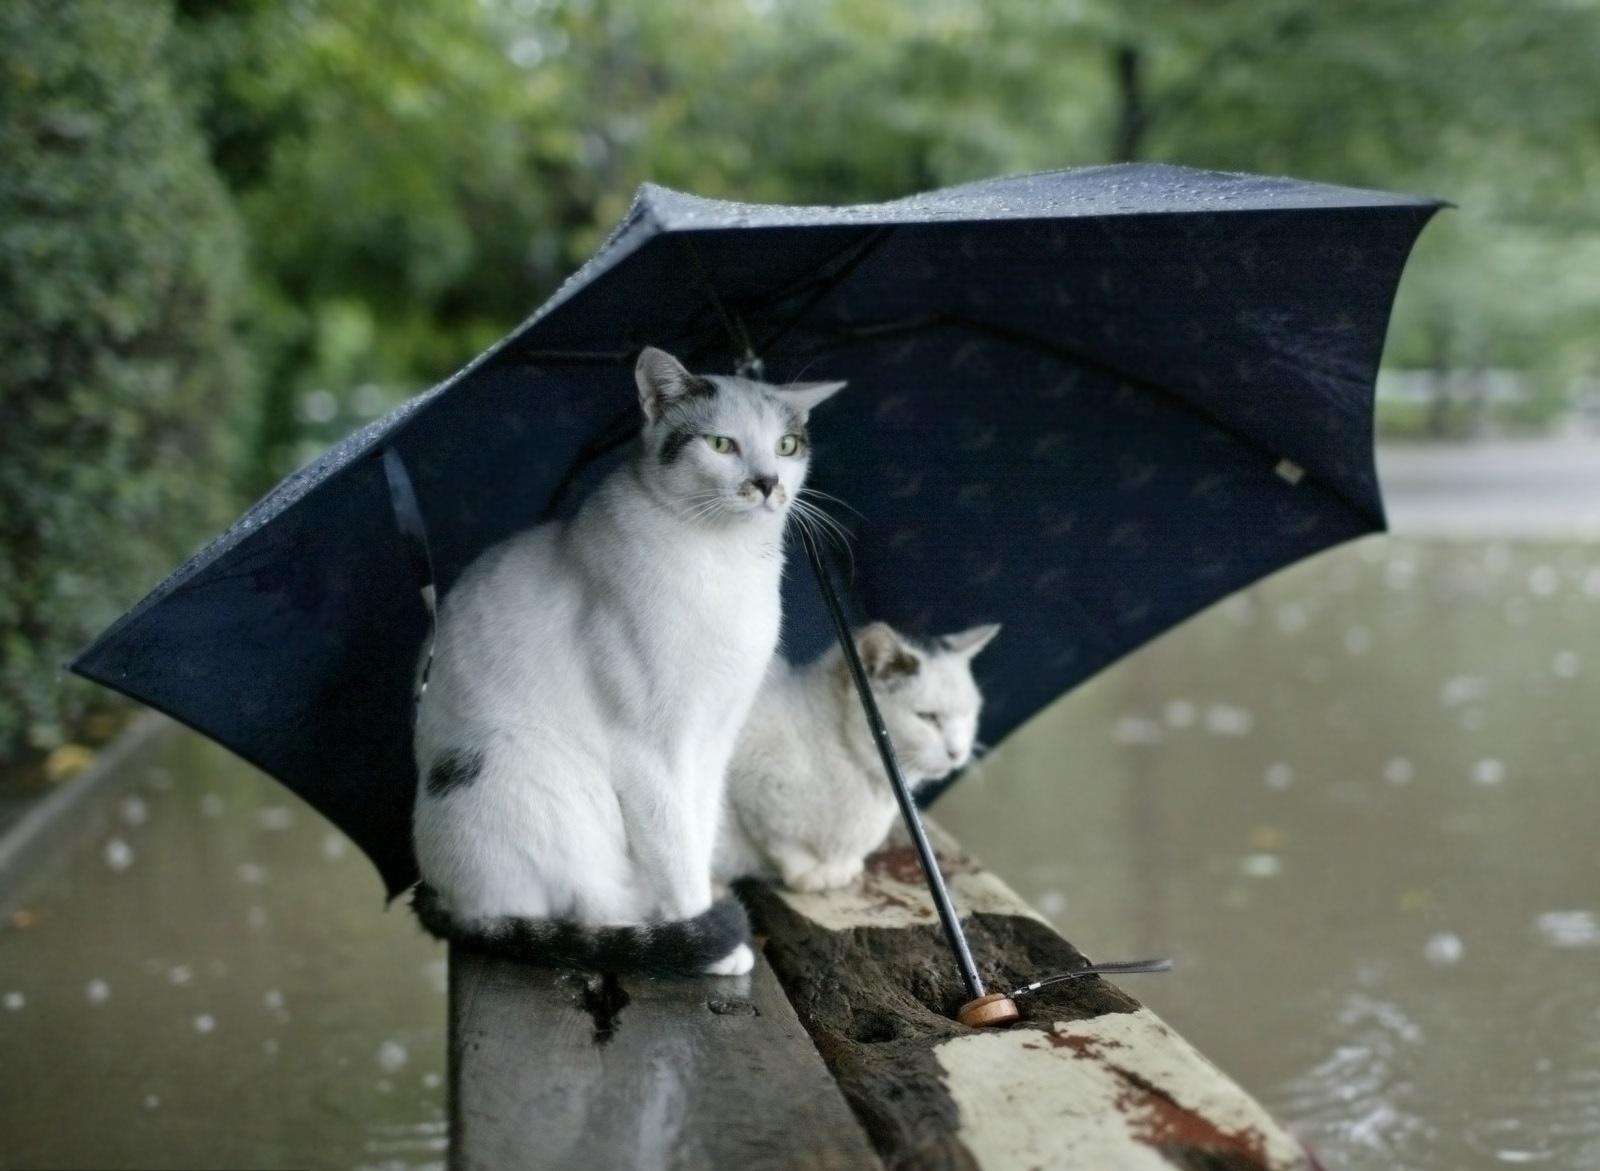 это картинка с кошкой на хорошей погоде доме- ведь